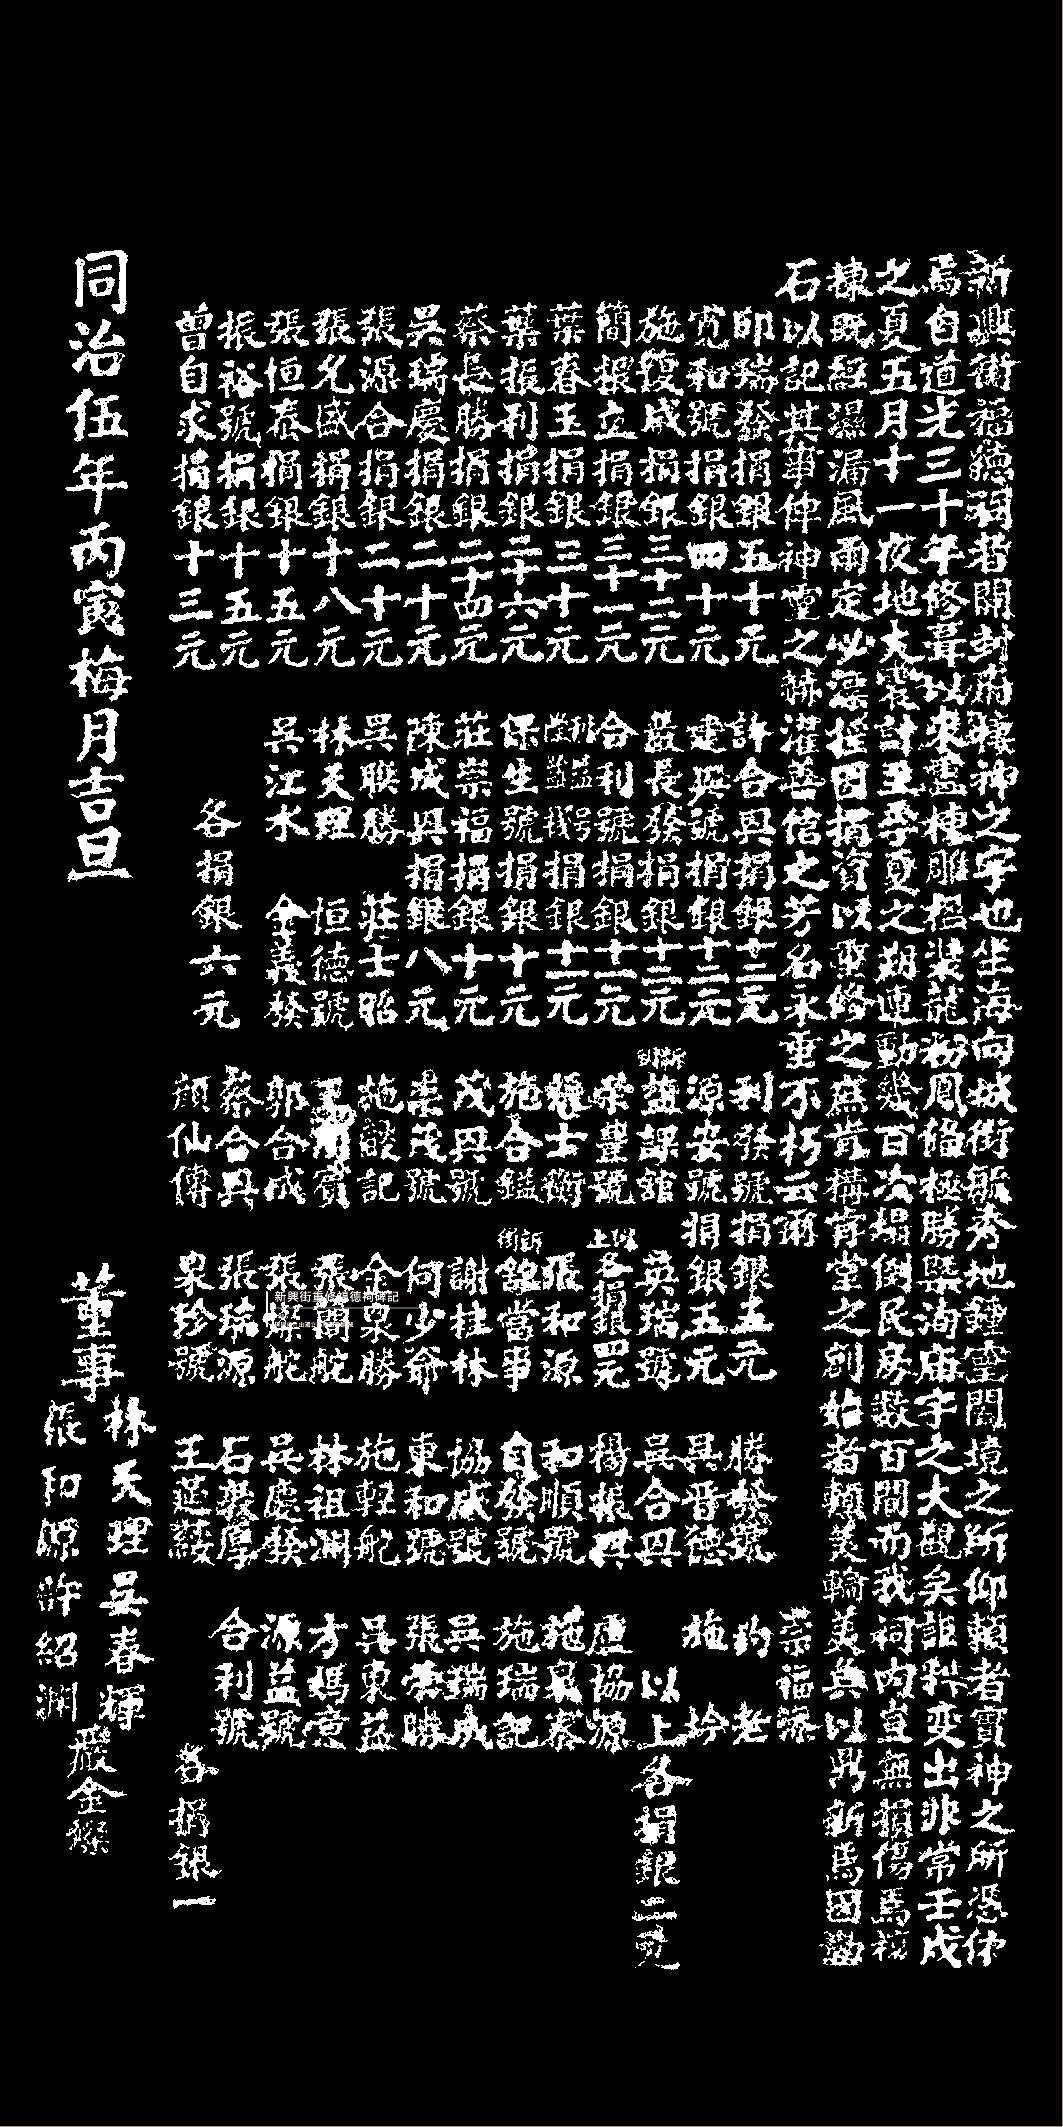 此為1862年臺南大地震後,臺南市的福德祠重建時的碑記,其中描述地震情景,「夜地...